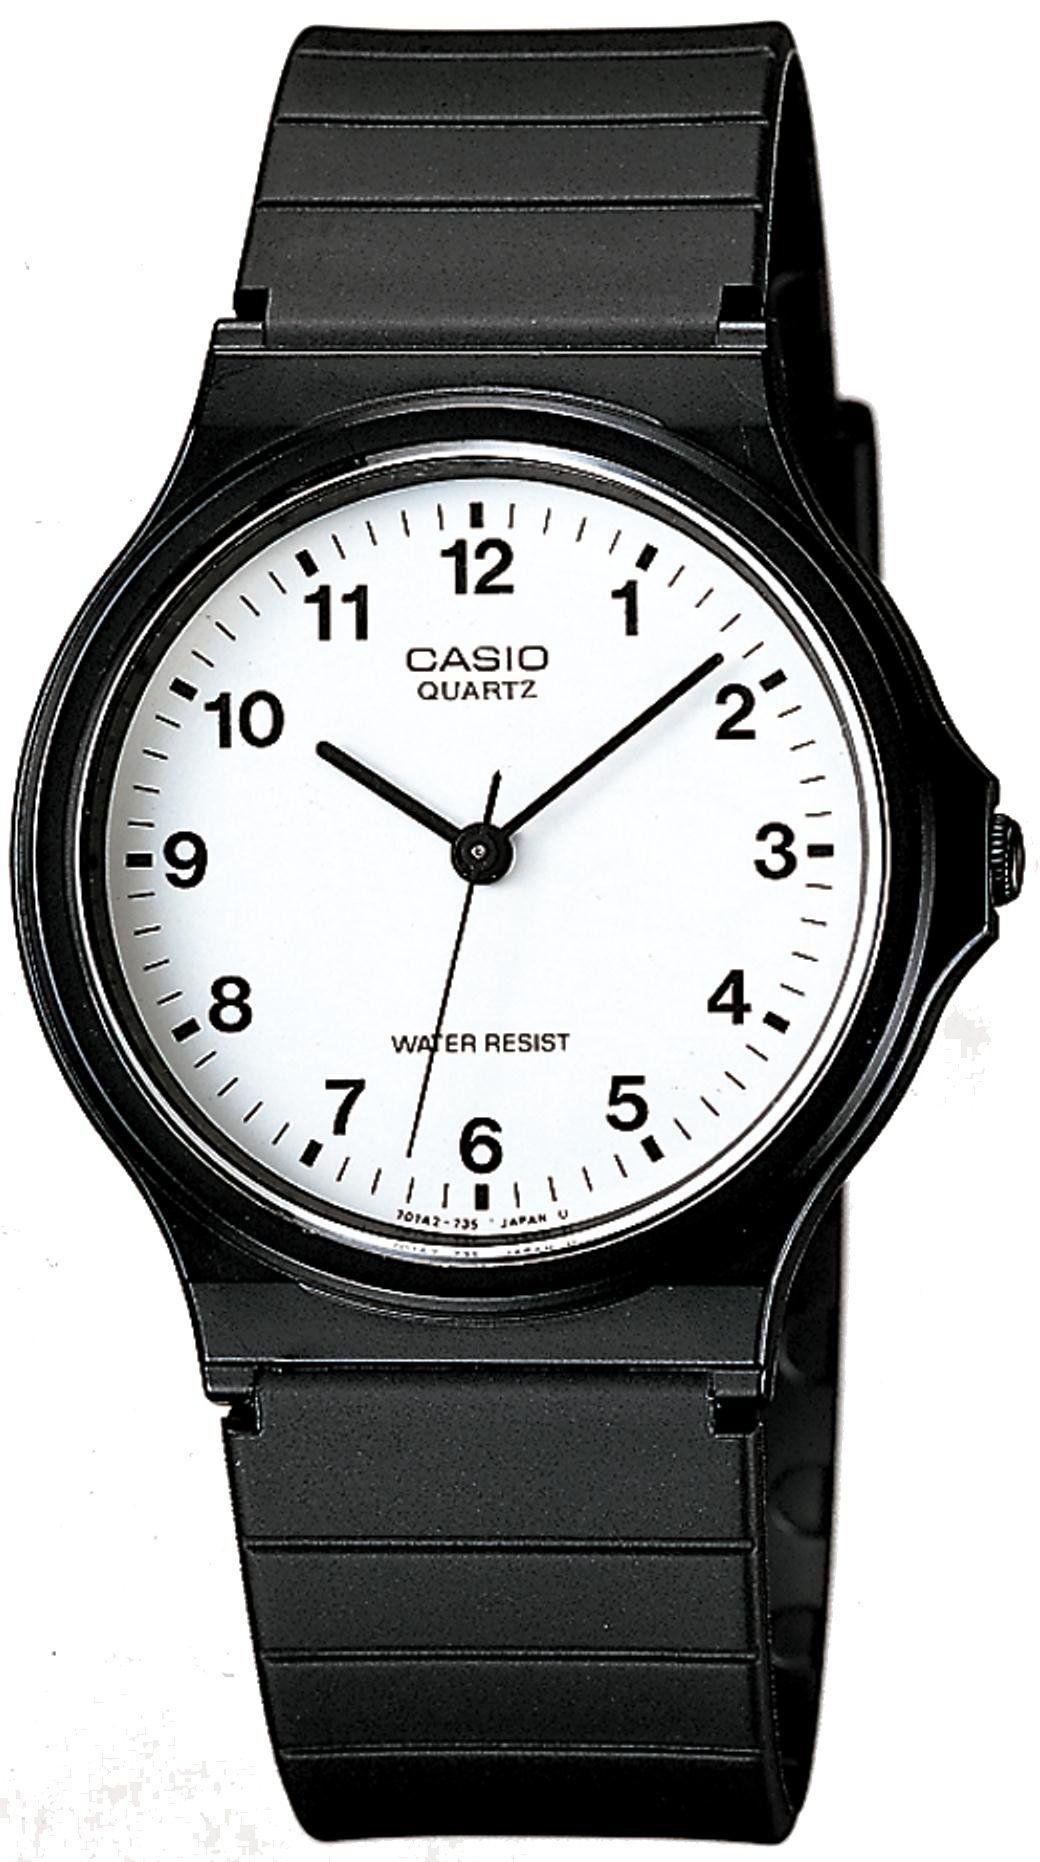 [カシオ]CASIO 腕時計 スタンダード アナログモデル MQ247BLLJF メンズ メンズ腕時計, 腕